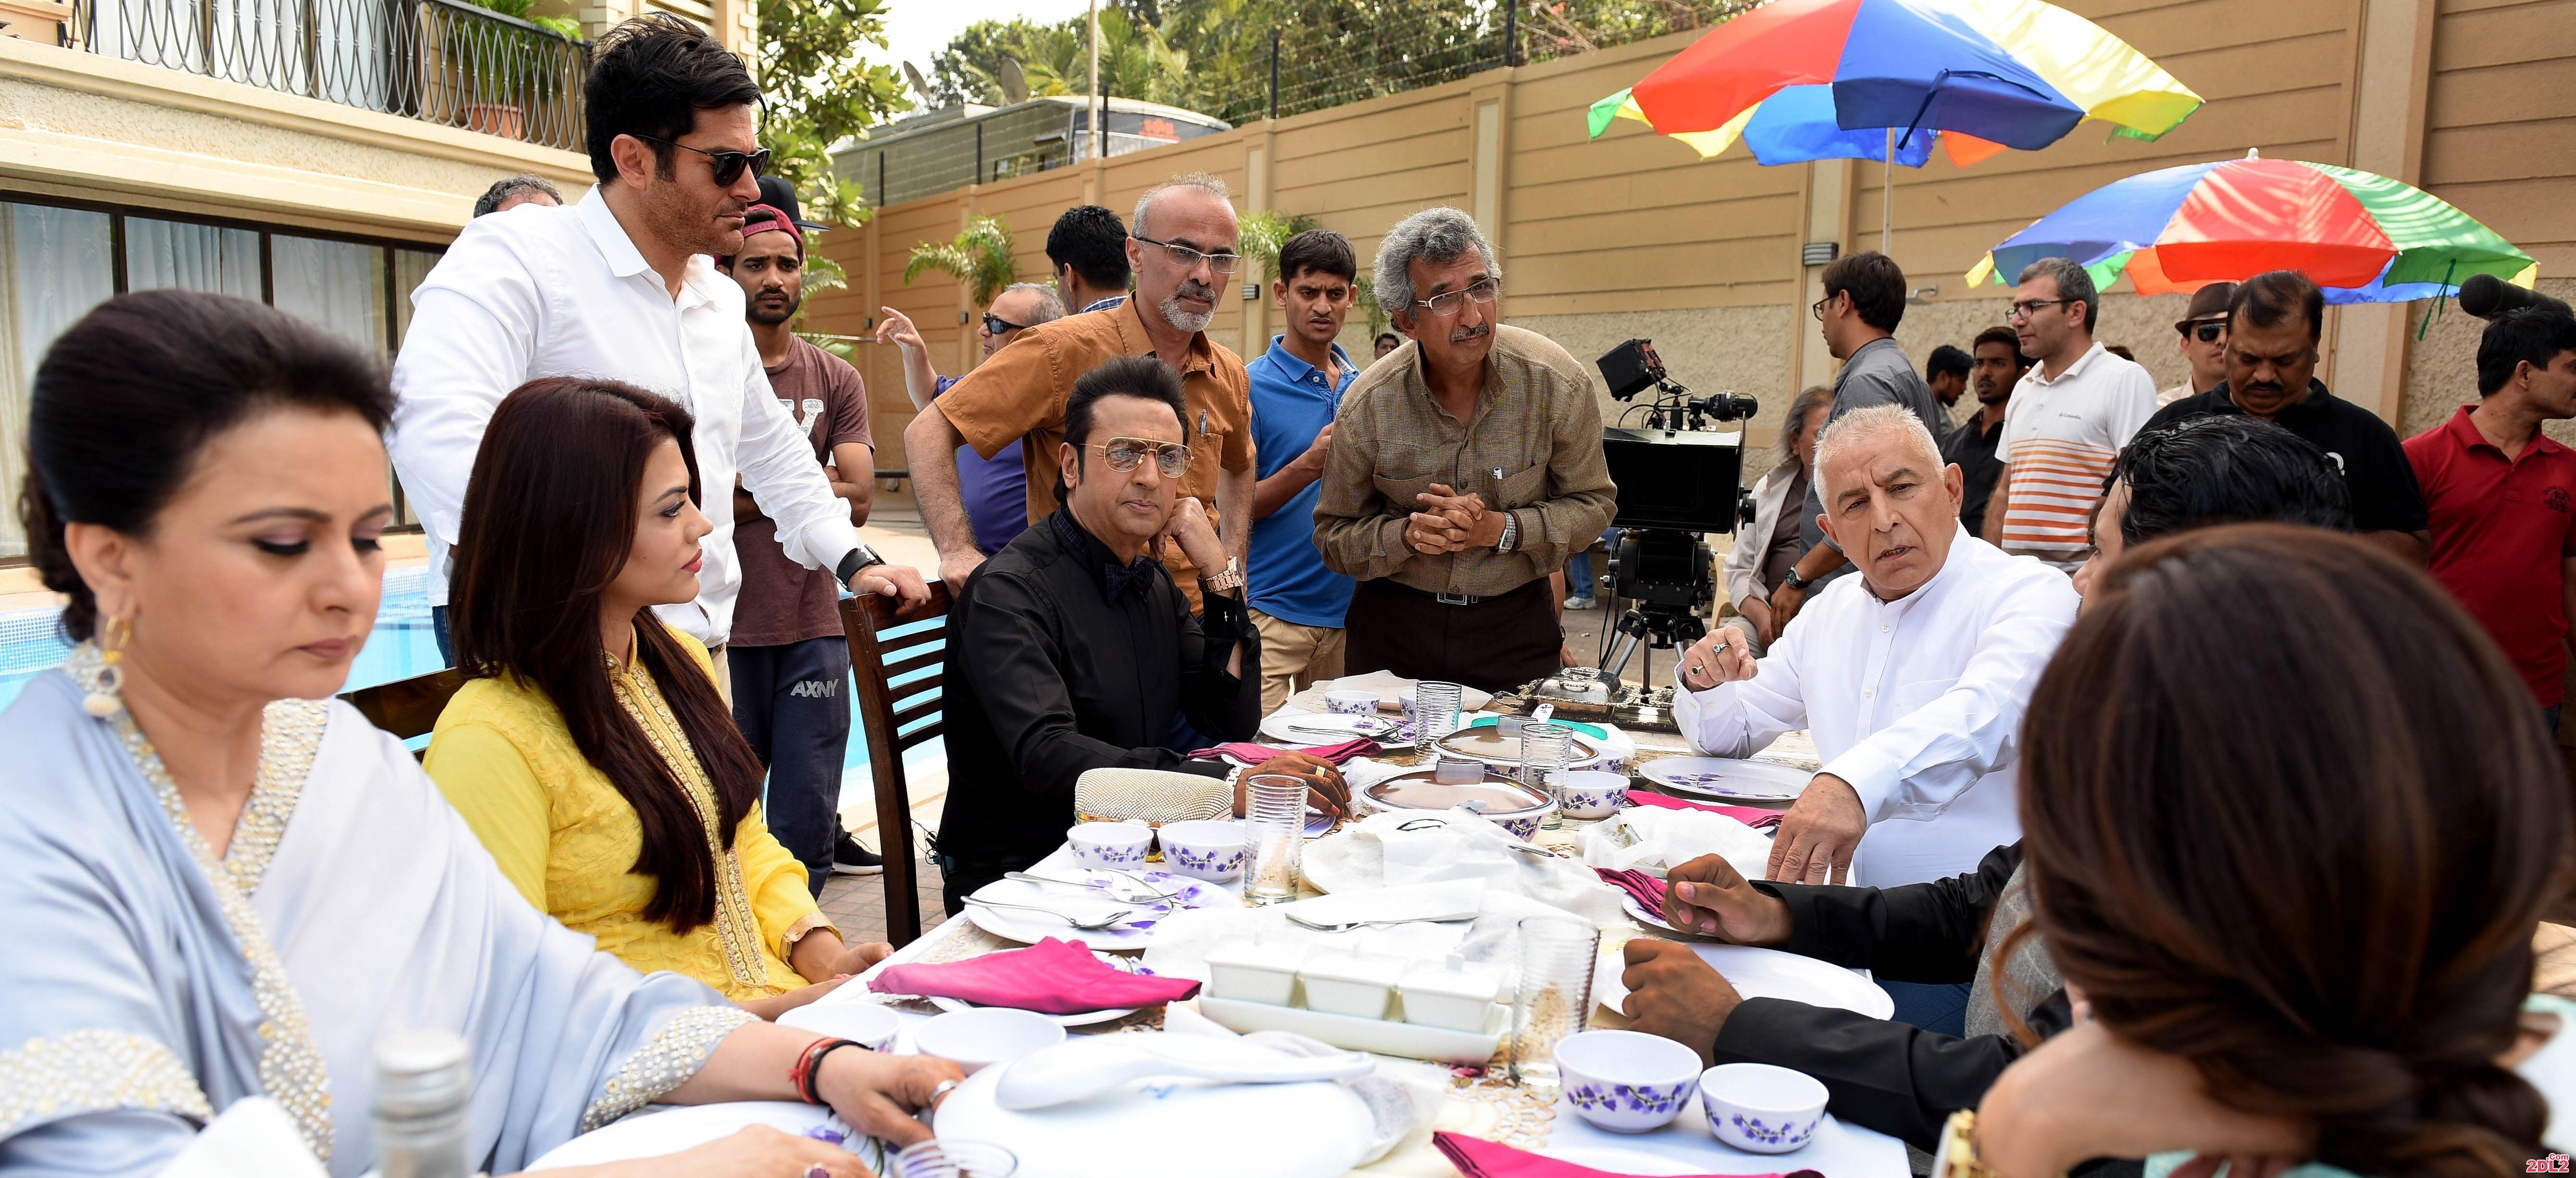 دانلود فیلم جدید محمدرضا گلزار در هند